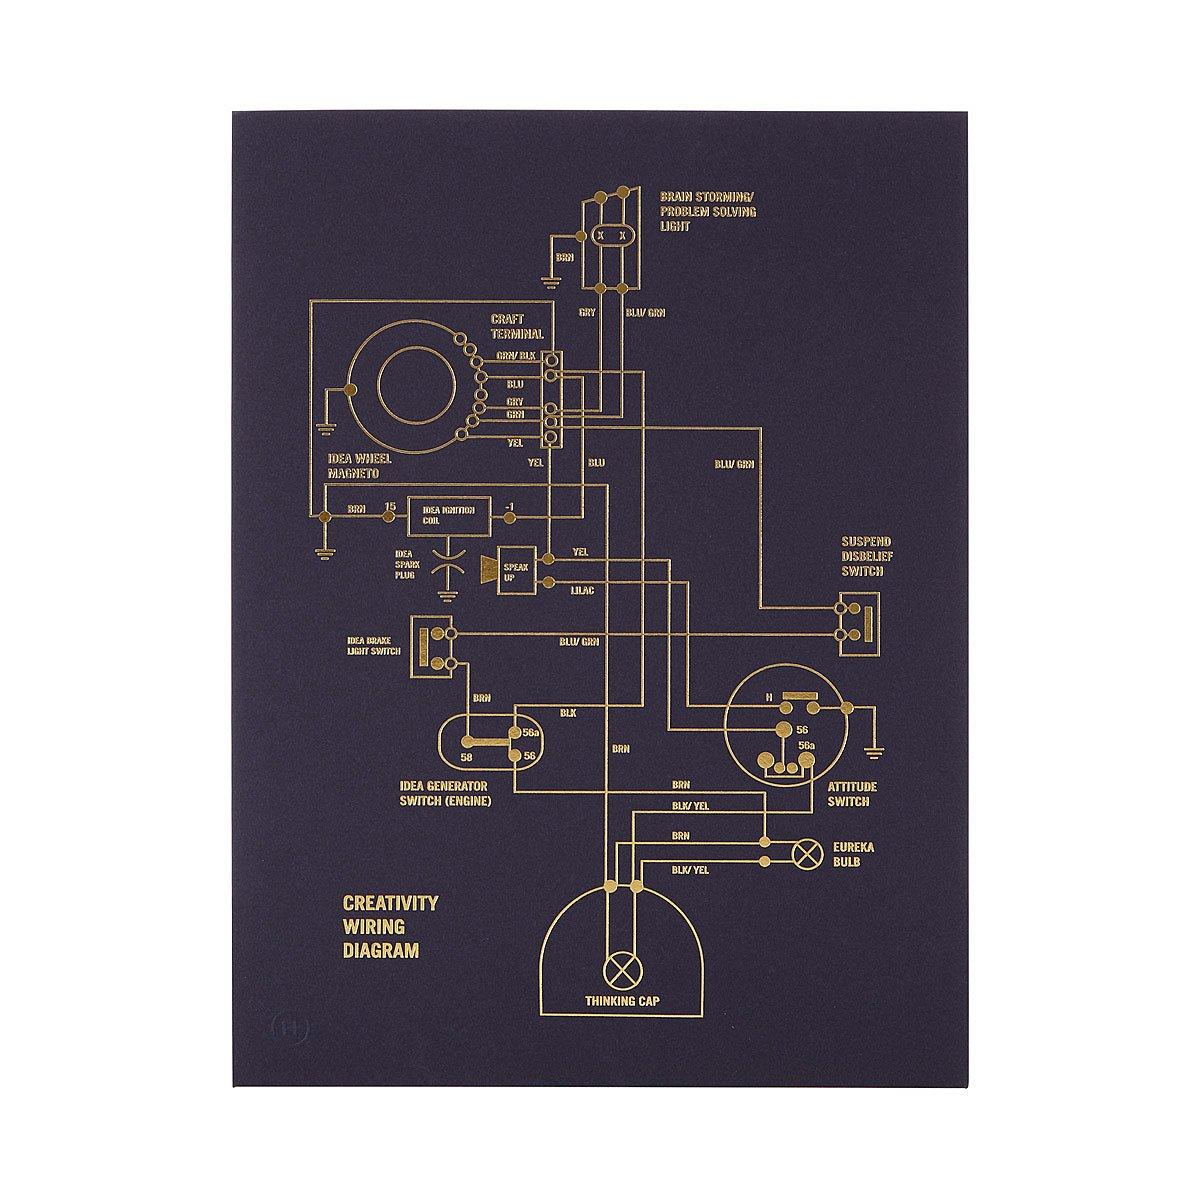 creativity wiring diagram wiring diagram schematic name rh 8 13 1 systembeimroulette de